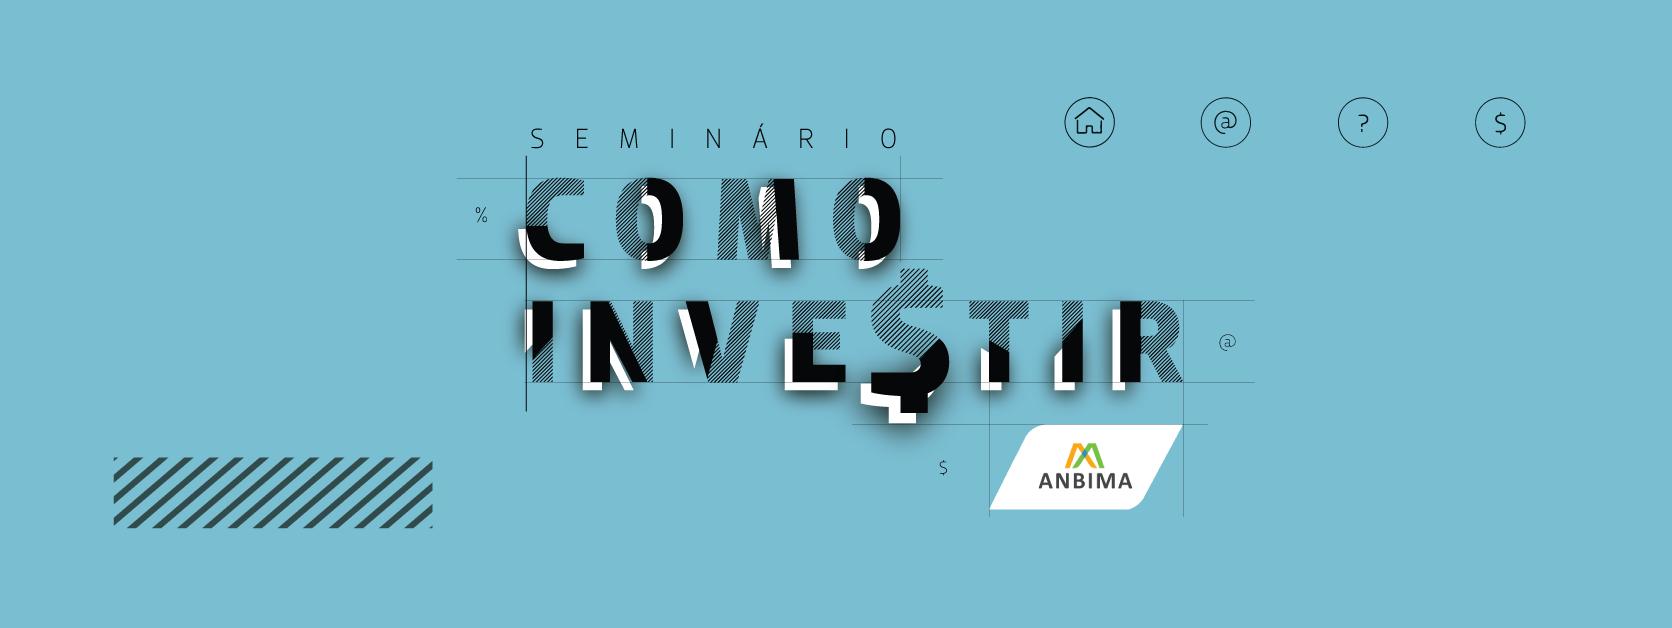 Seminário Como Investir 2019